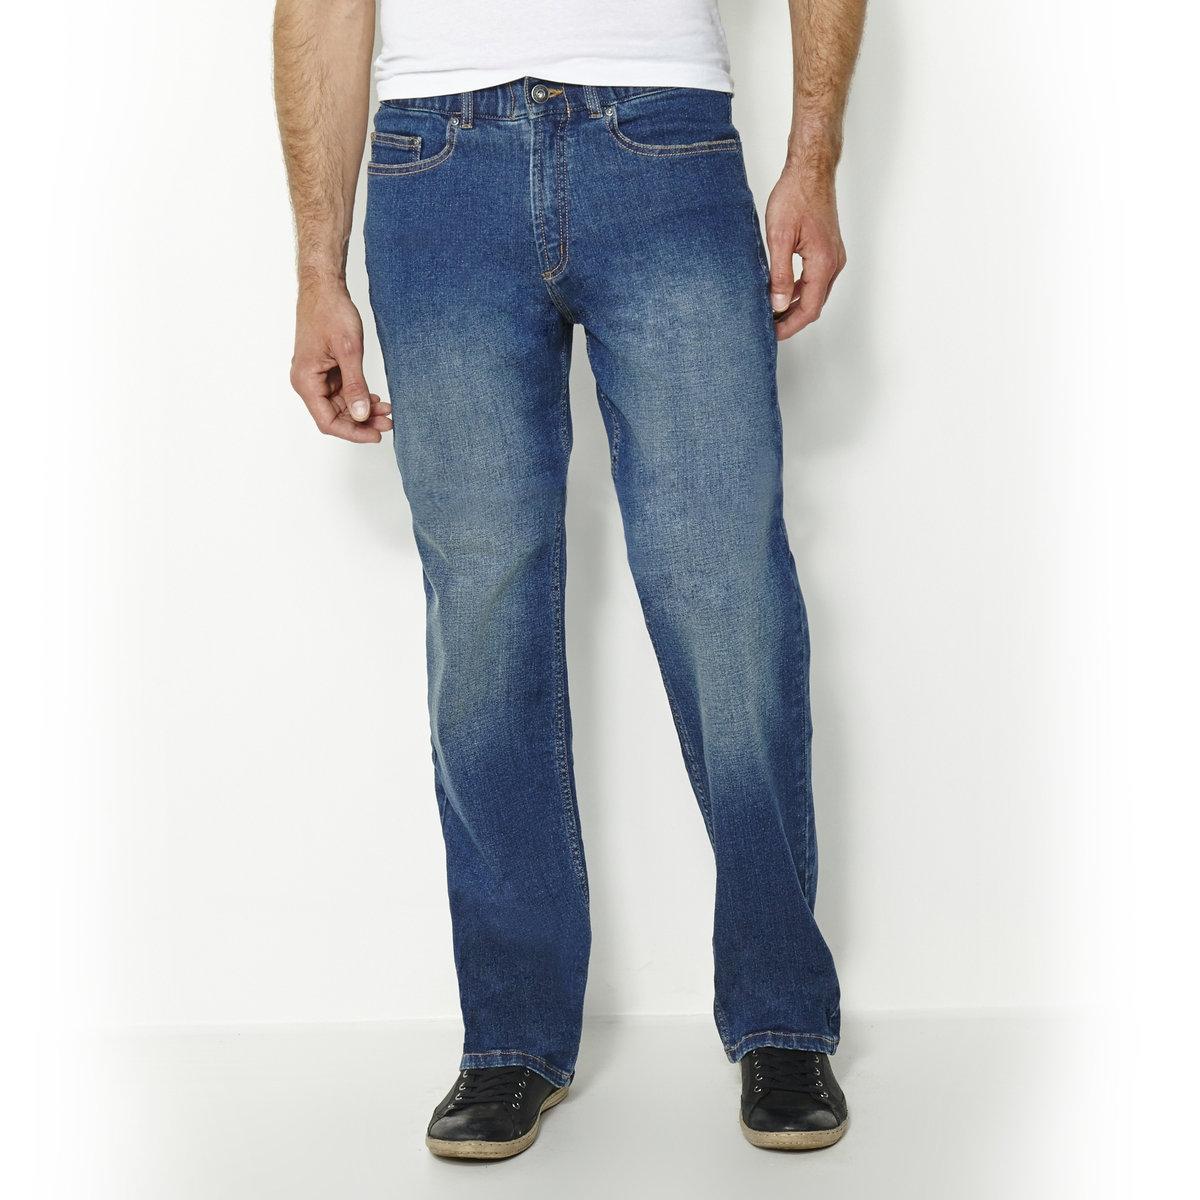 Джинсы комфортного покроя из денима стретч с эластичным поясом, длина 1 джинсы расклешенного покроя из денима стретч